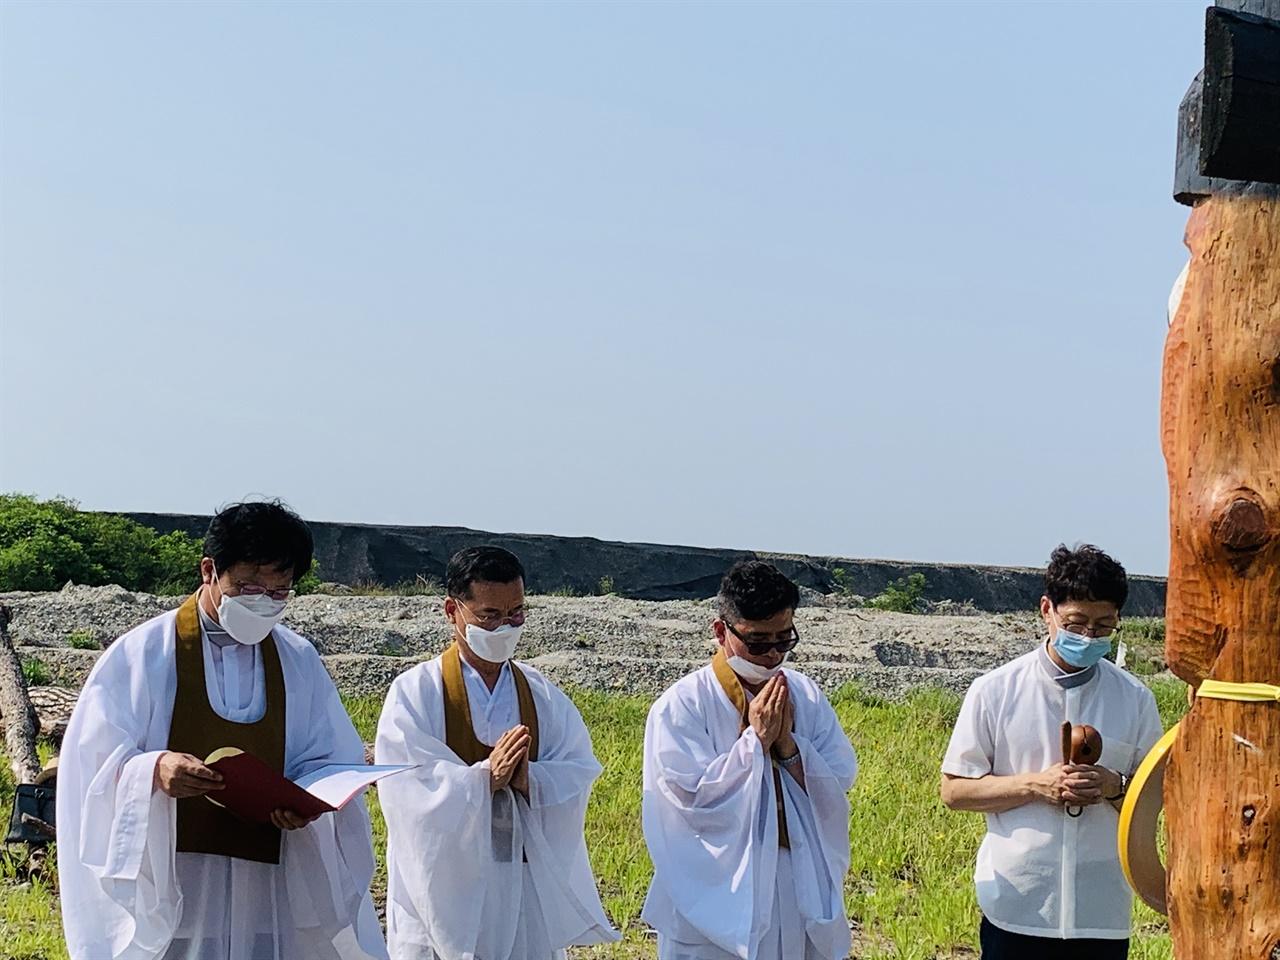 원불교환경연대는 21일(일) 오후 4시, 전북 부안군 하서면 백련리 해창 장승벌에서 새만금 생명평화 법회를 열고 해수유통을 통해 뭇 생명과 조화를 이루는 지속가능한 새만금사업 되도록 기원했다.